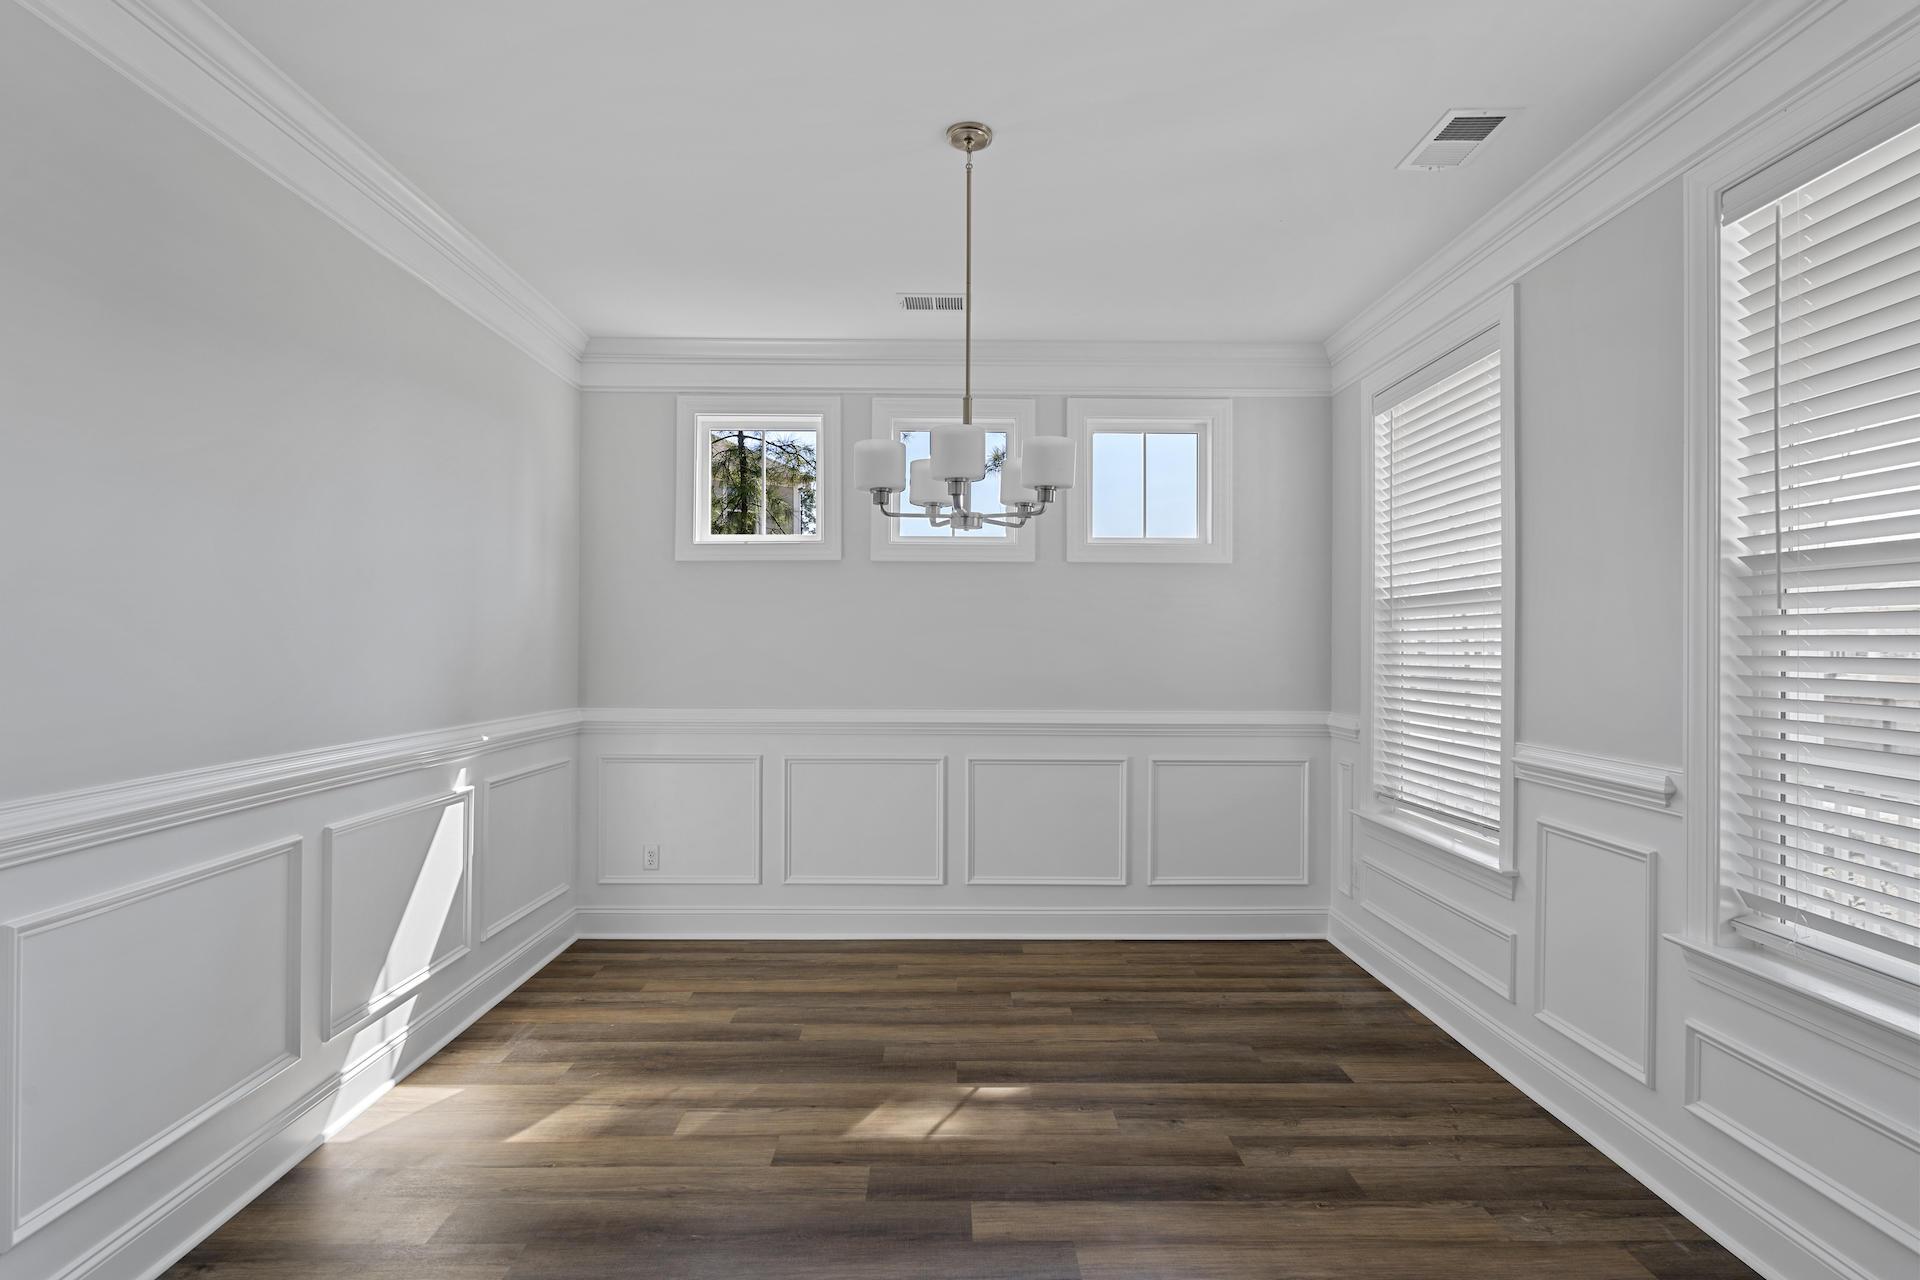 Park West Homes For Sale - 1504 Hopkins, Mount Pleasant, SC - 13